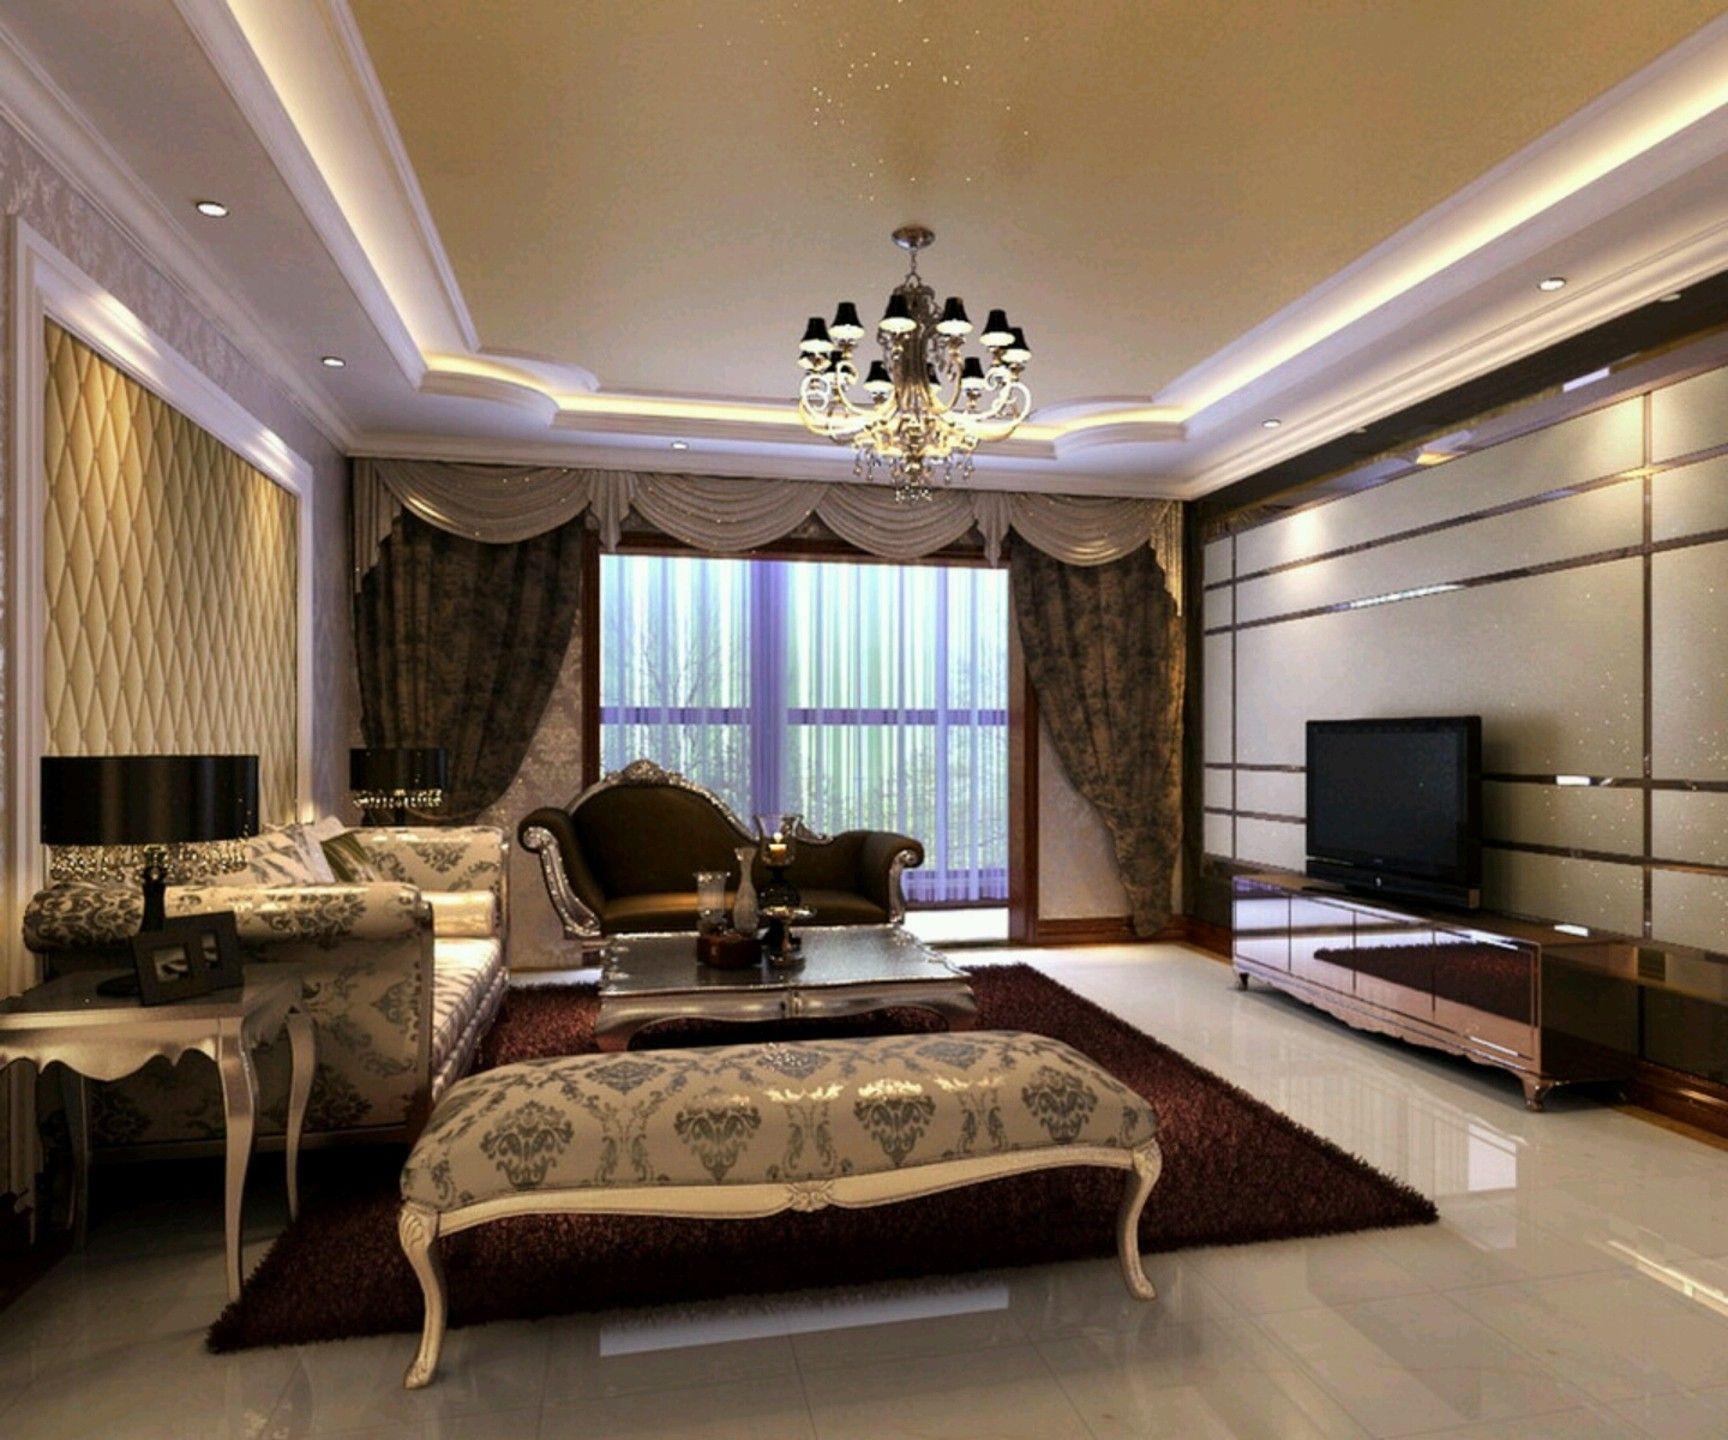 New Home Designs Latest Luxury Homes Interior Decoration: Erstaunlich Luxus Interieur Design Ideen